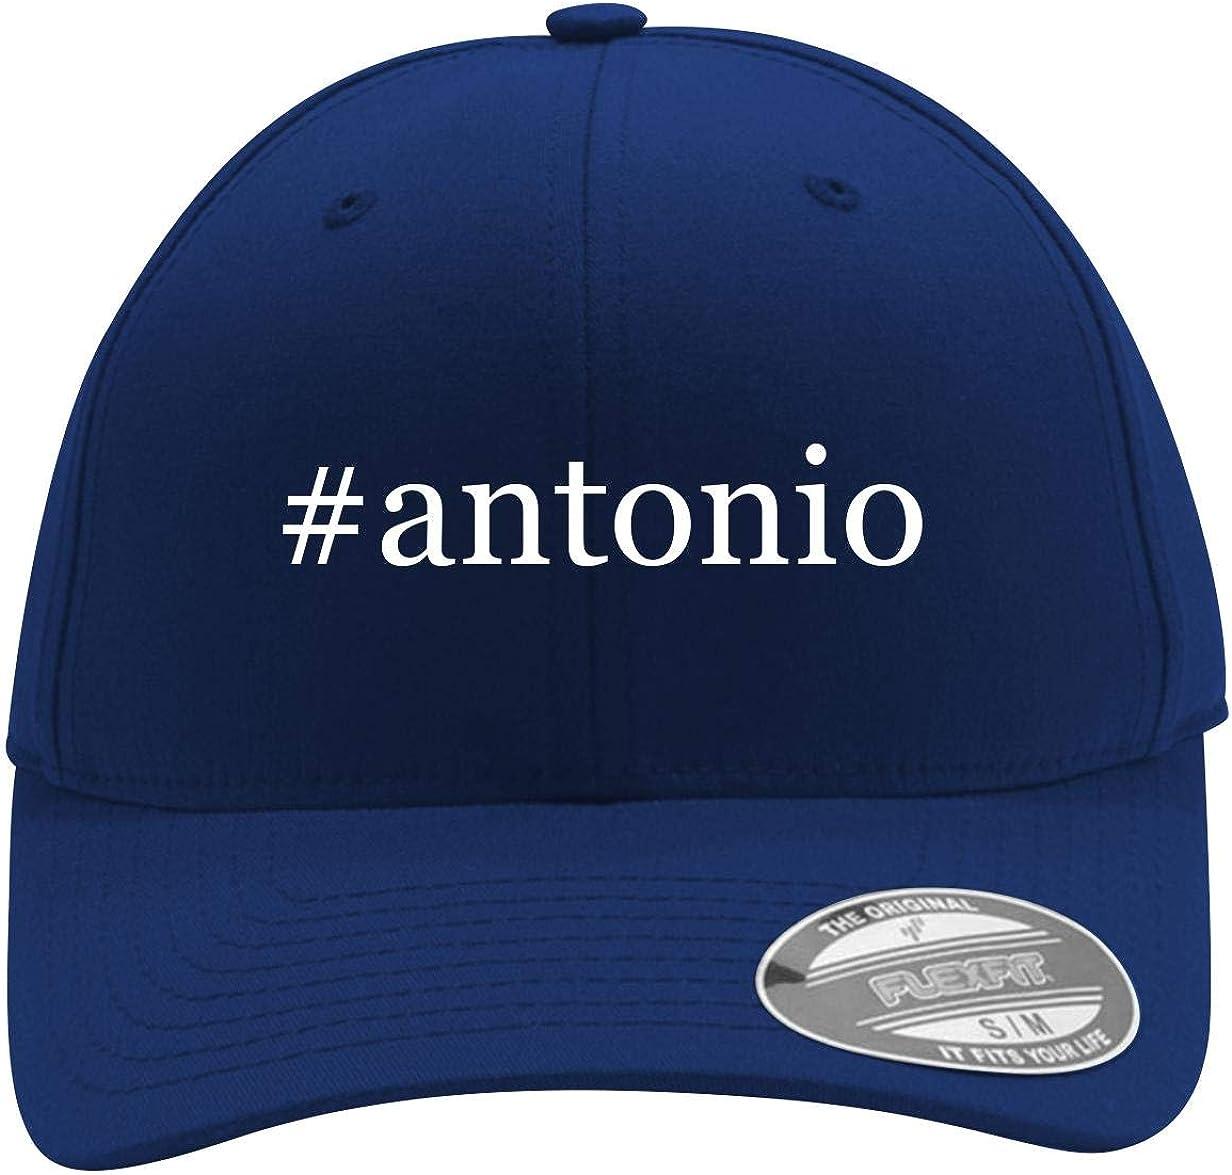 #Antonio - Men's Hashtag Flexfit Baseball Cap Hat 61jd0NU8U4L